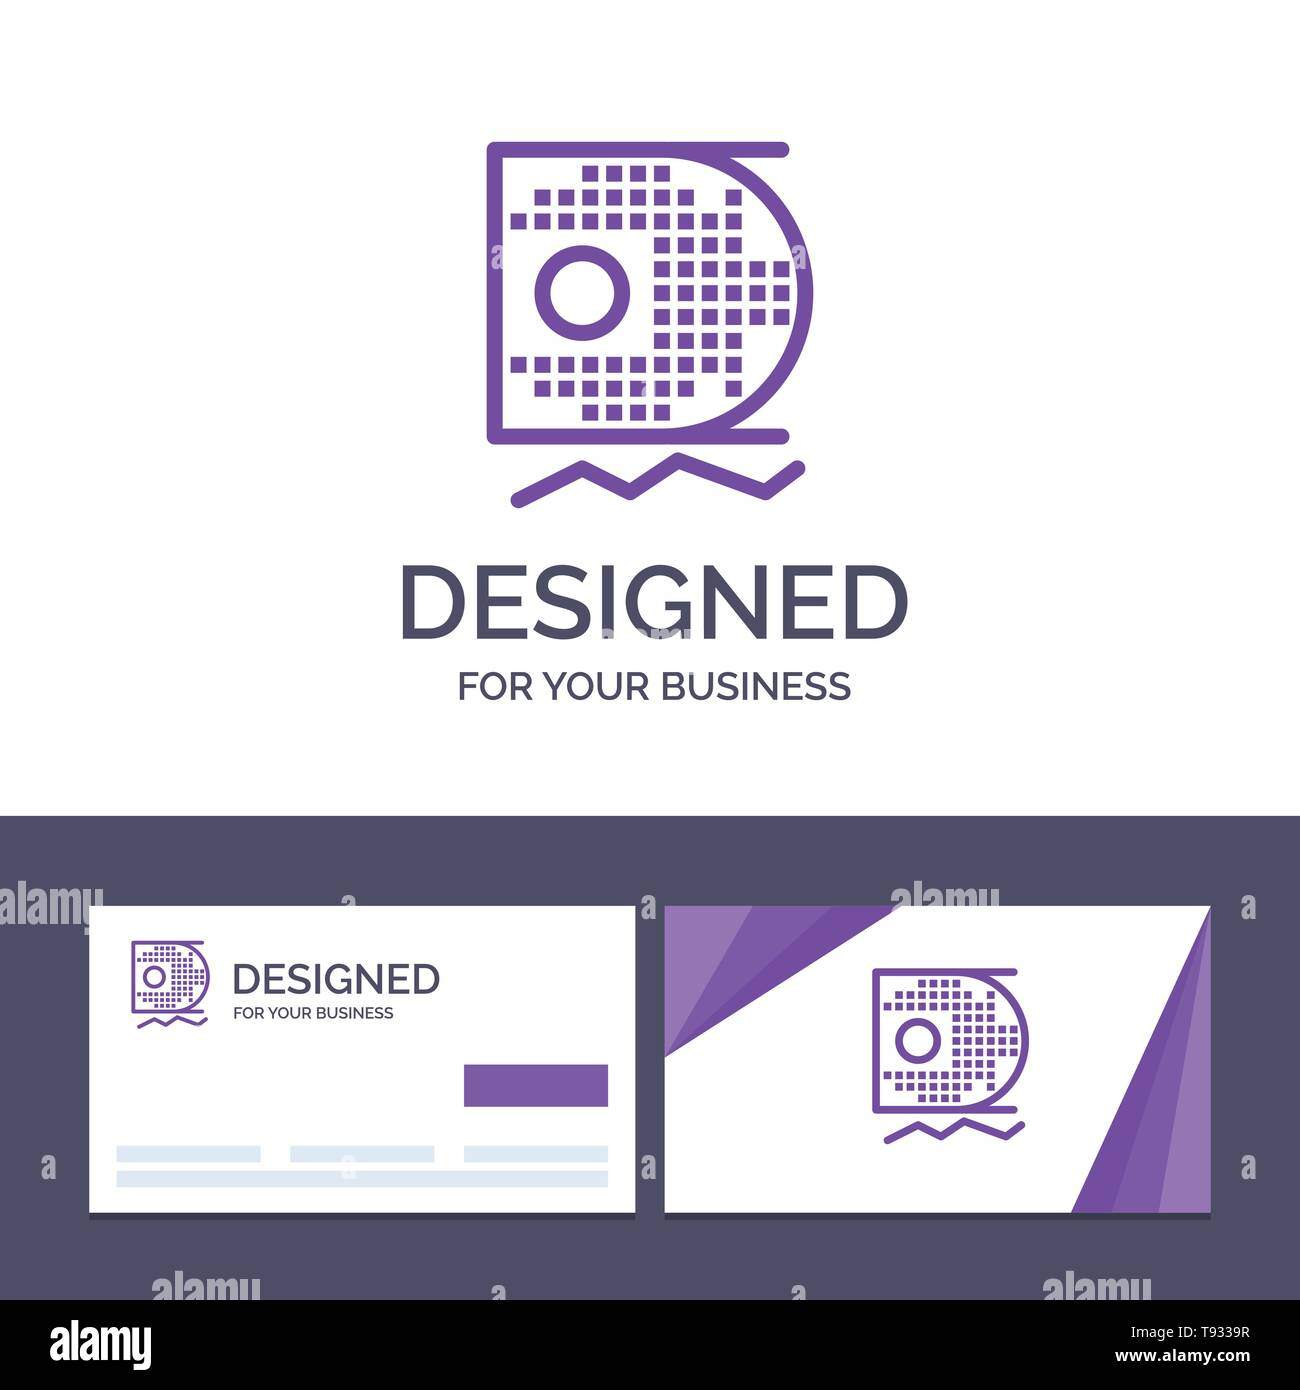 Creative Business Card Logo e i dati di template, scienza, i dati della scienza, industria mineraria illustrazione vettoriale Illustrazione Vettoriale